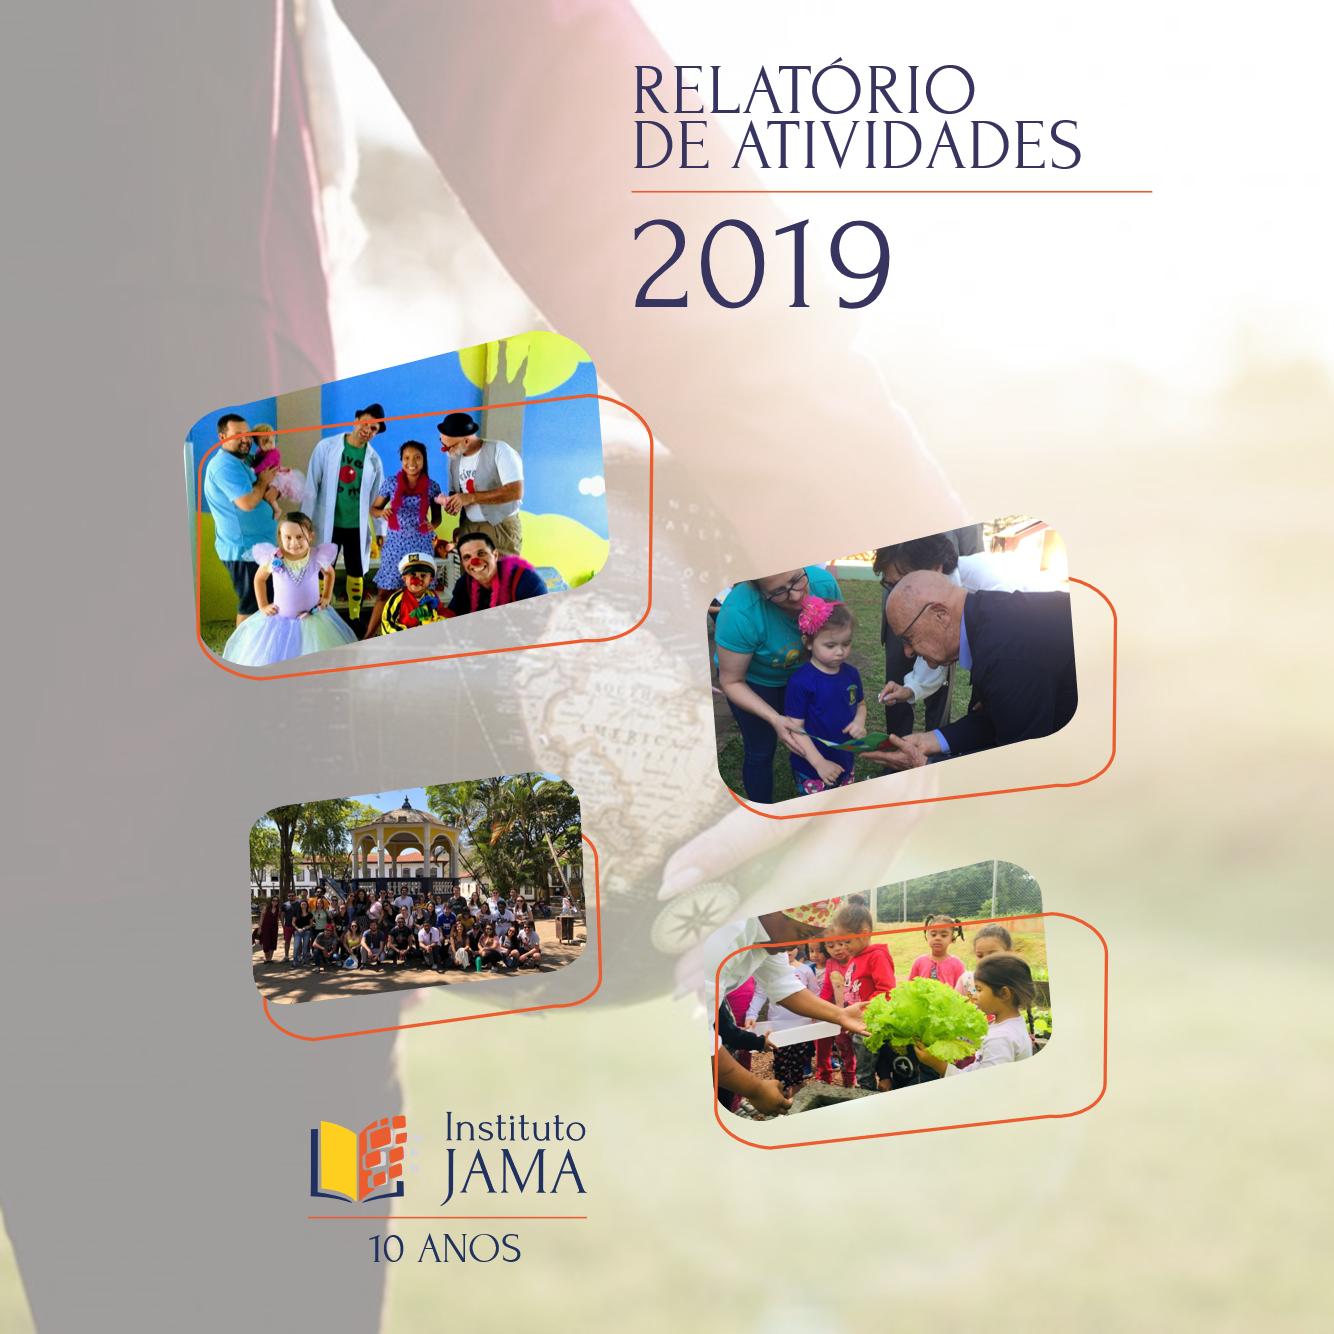 Relatório de 2019 e história do Instituto Jama